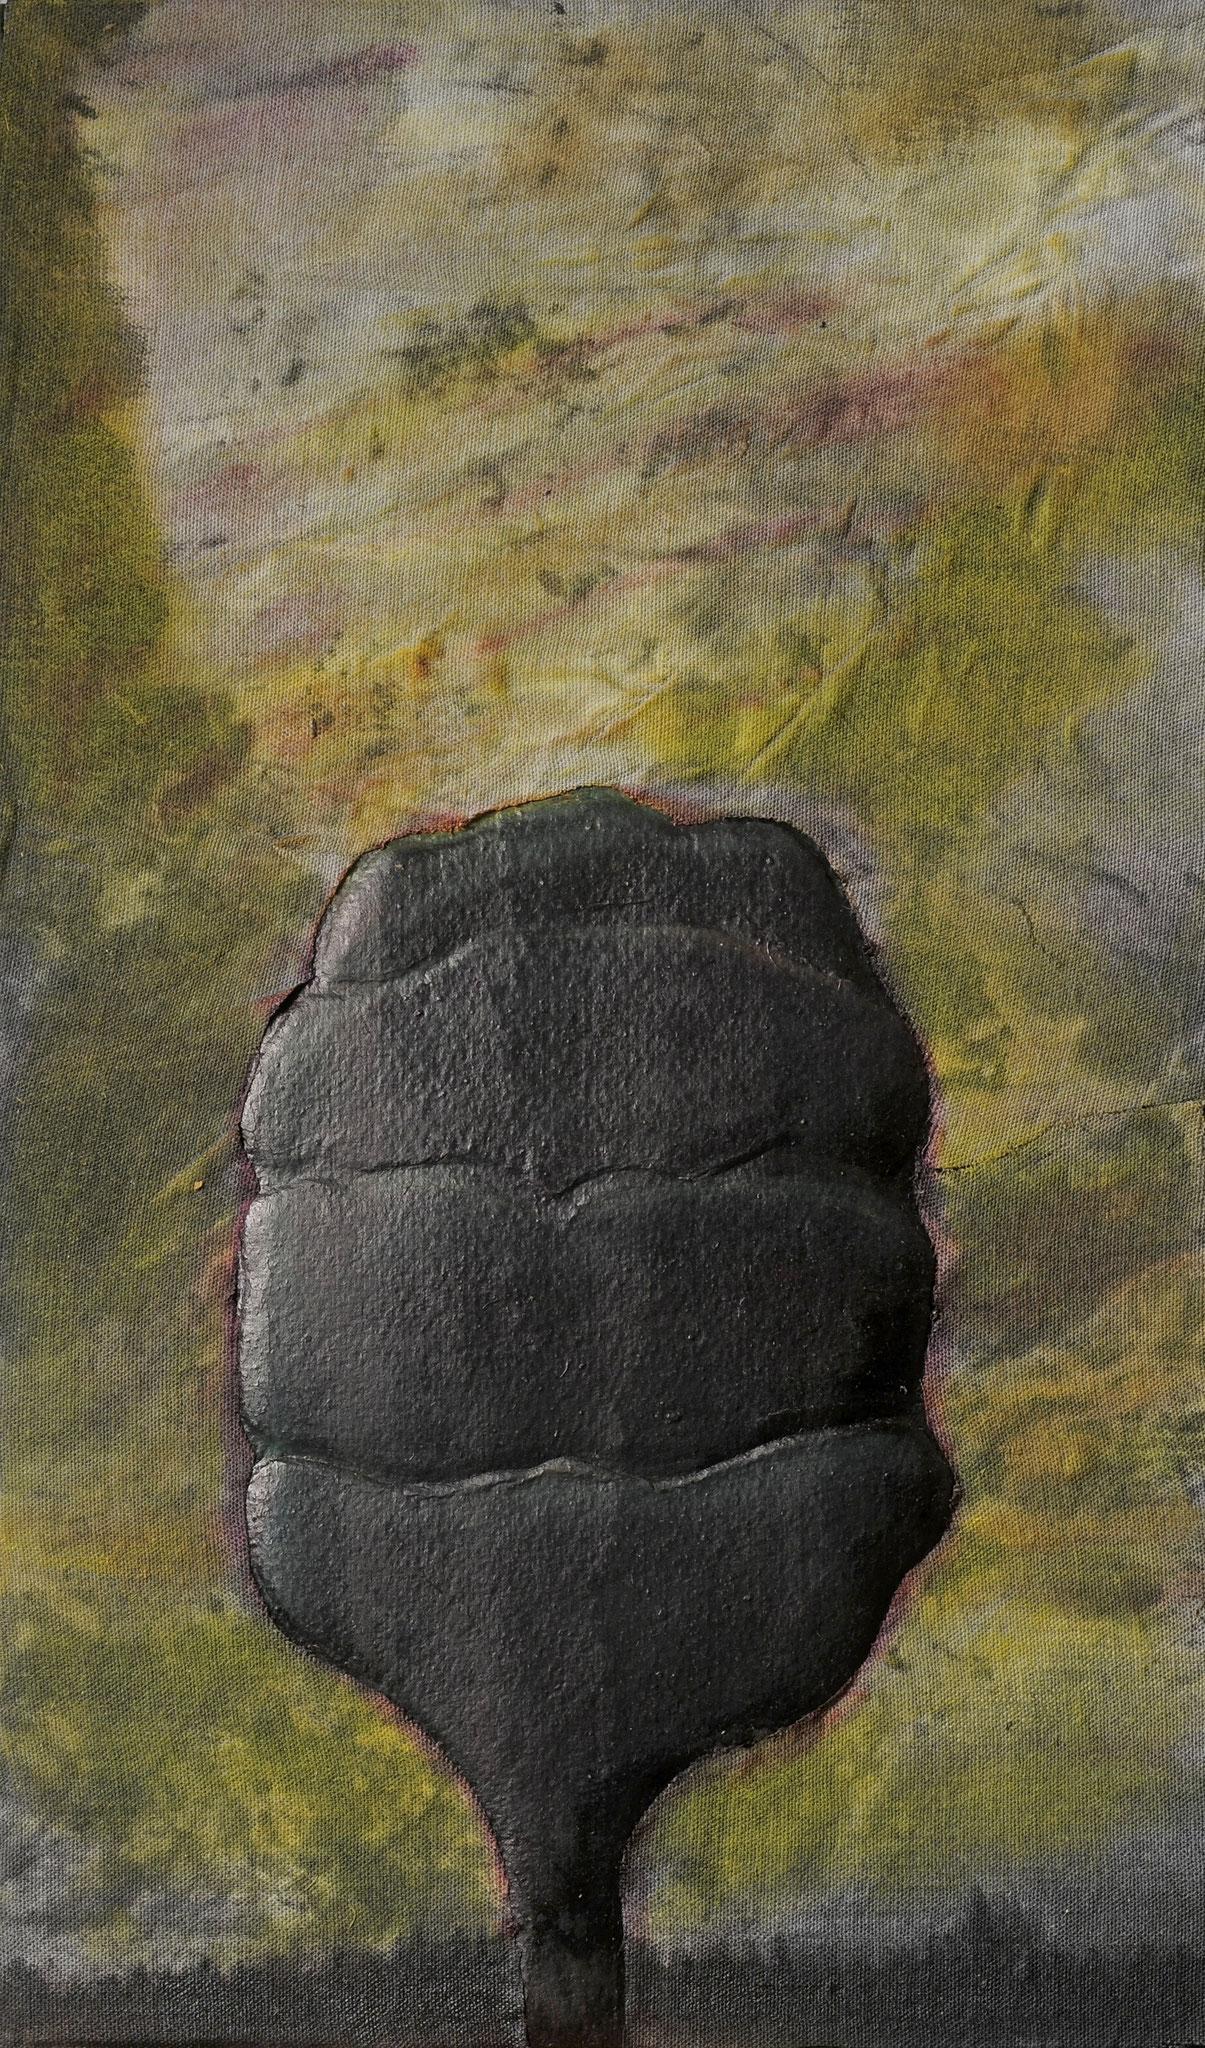 2011. 36,5 x 22 cm. Papier en relief marouflé sur toile avec lès de toile marouflés sur papier. Encre d'imprimerie.